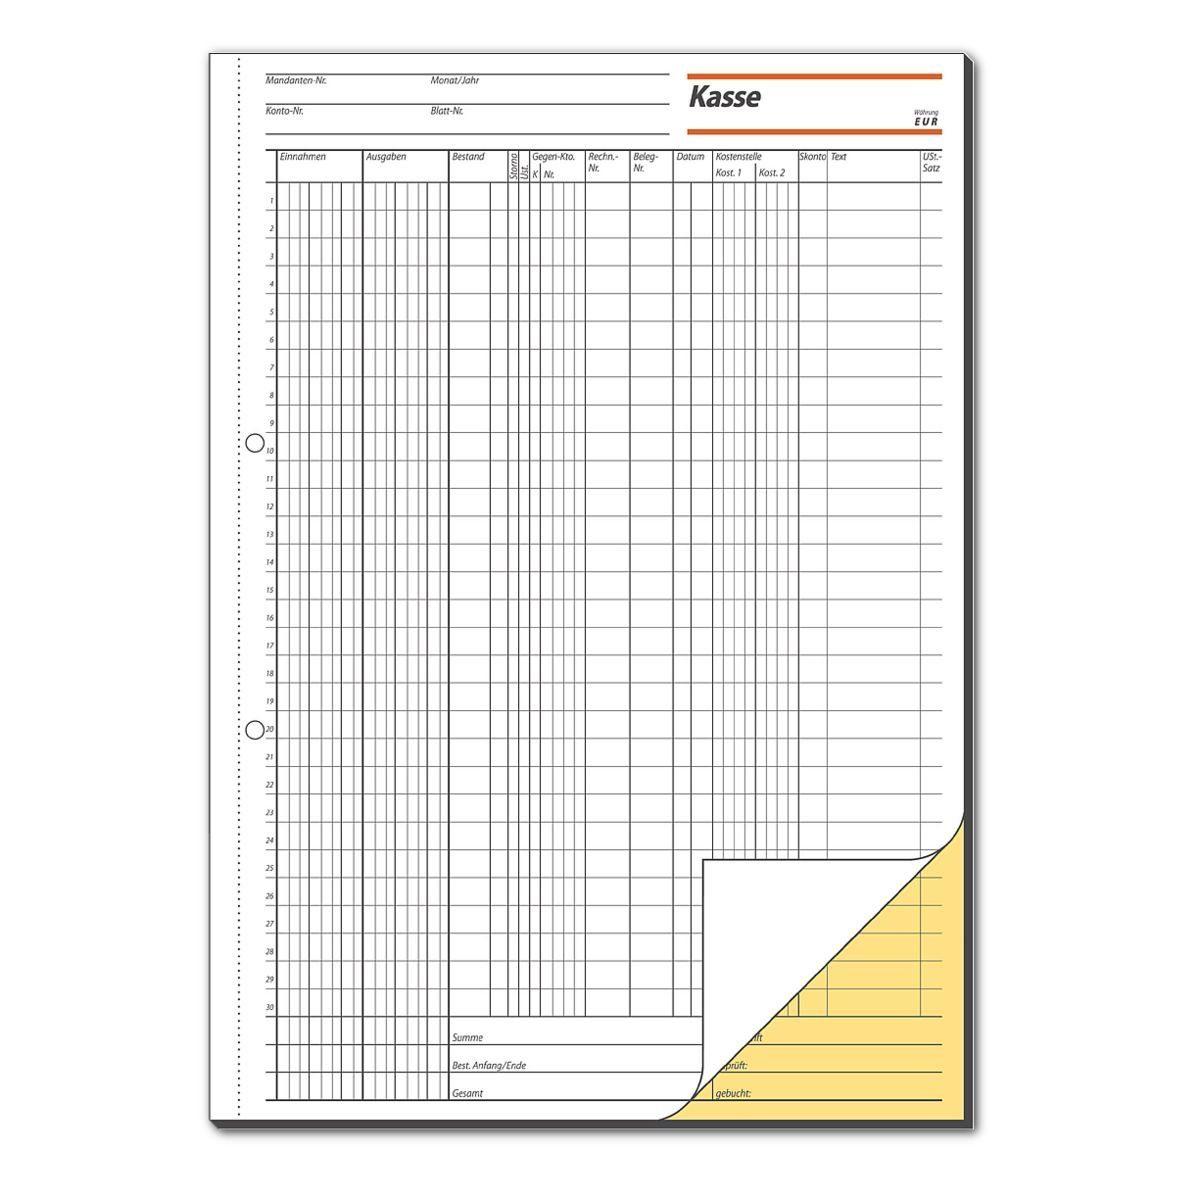 Sigel Formularbuch KG429 »Kassenbuch (Steuerschiene 300)«